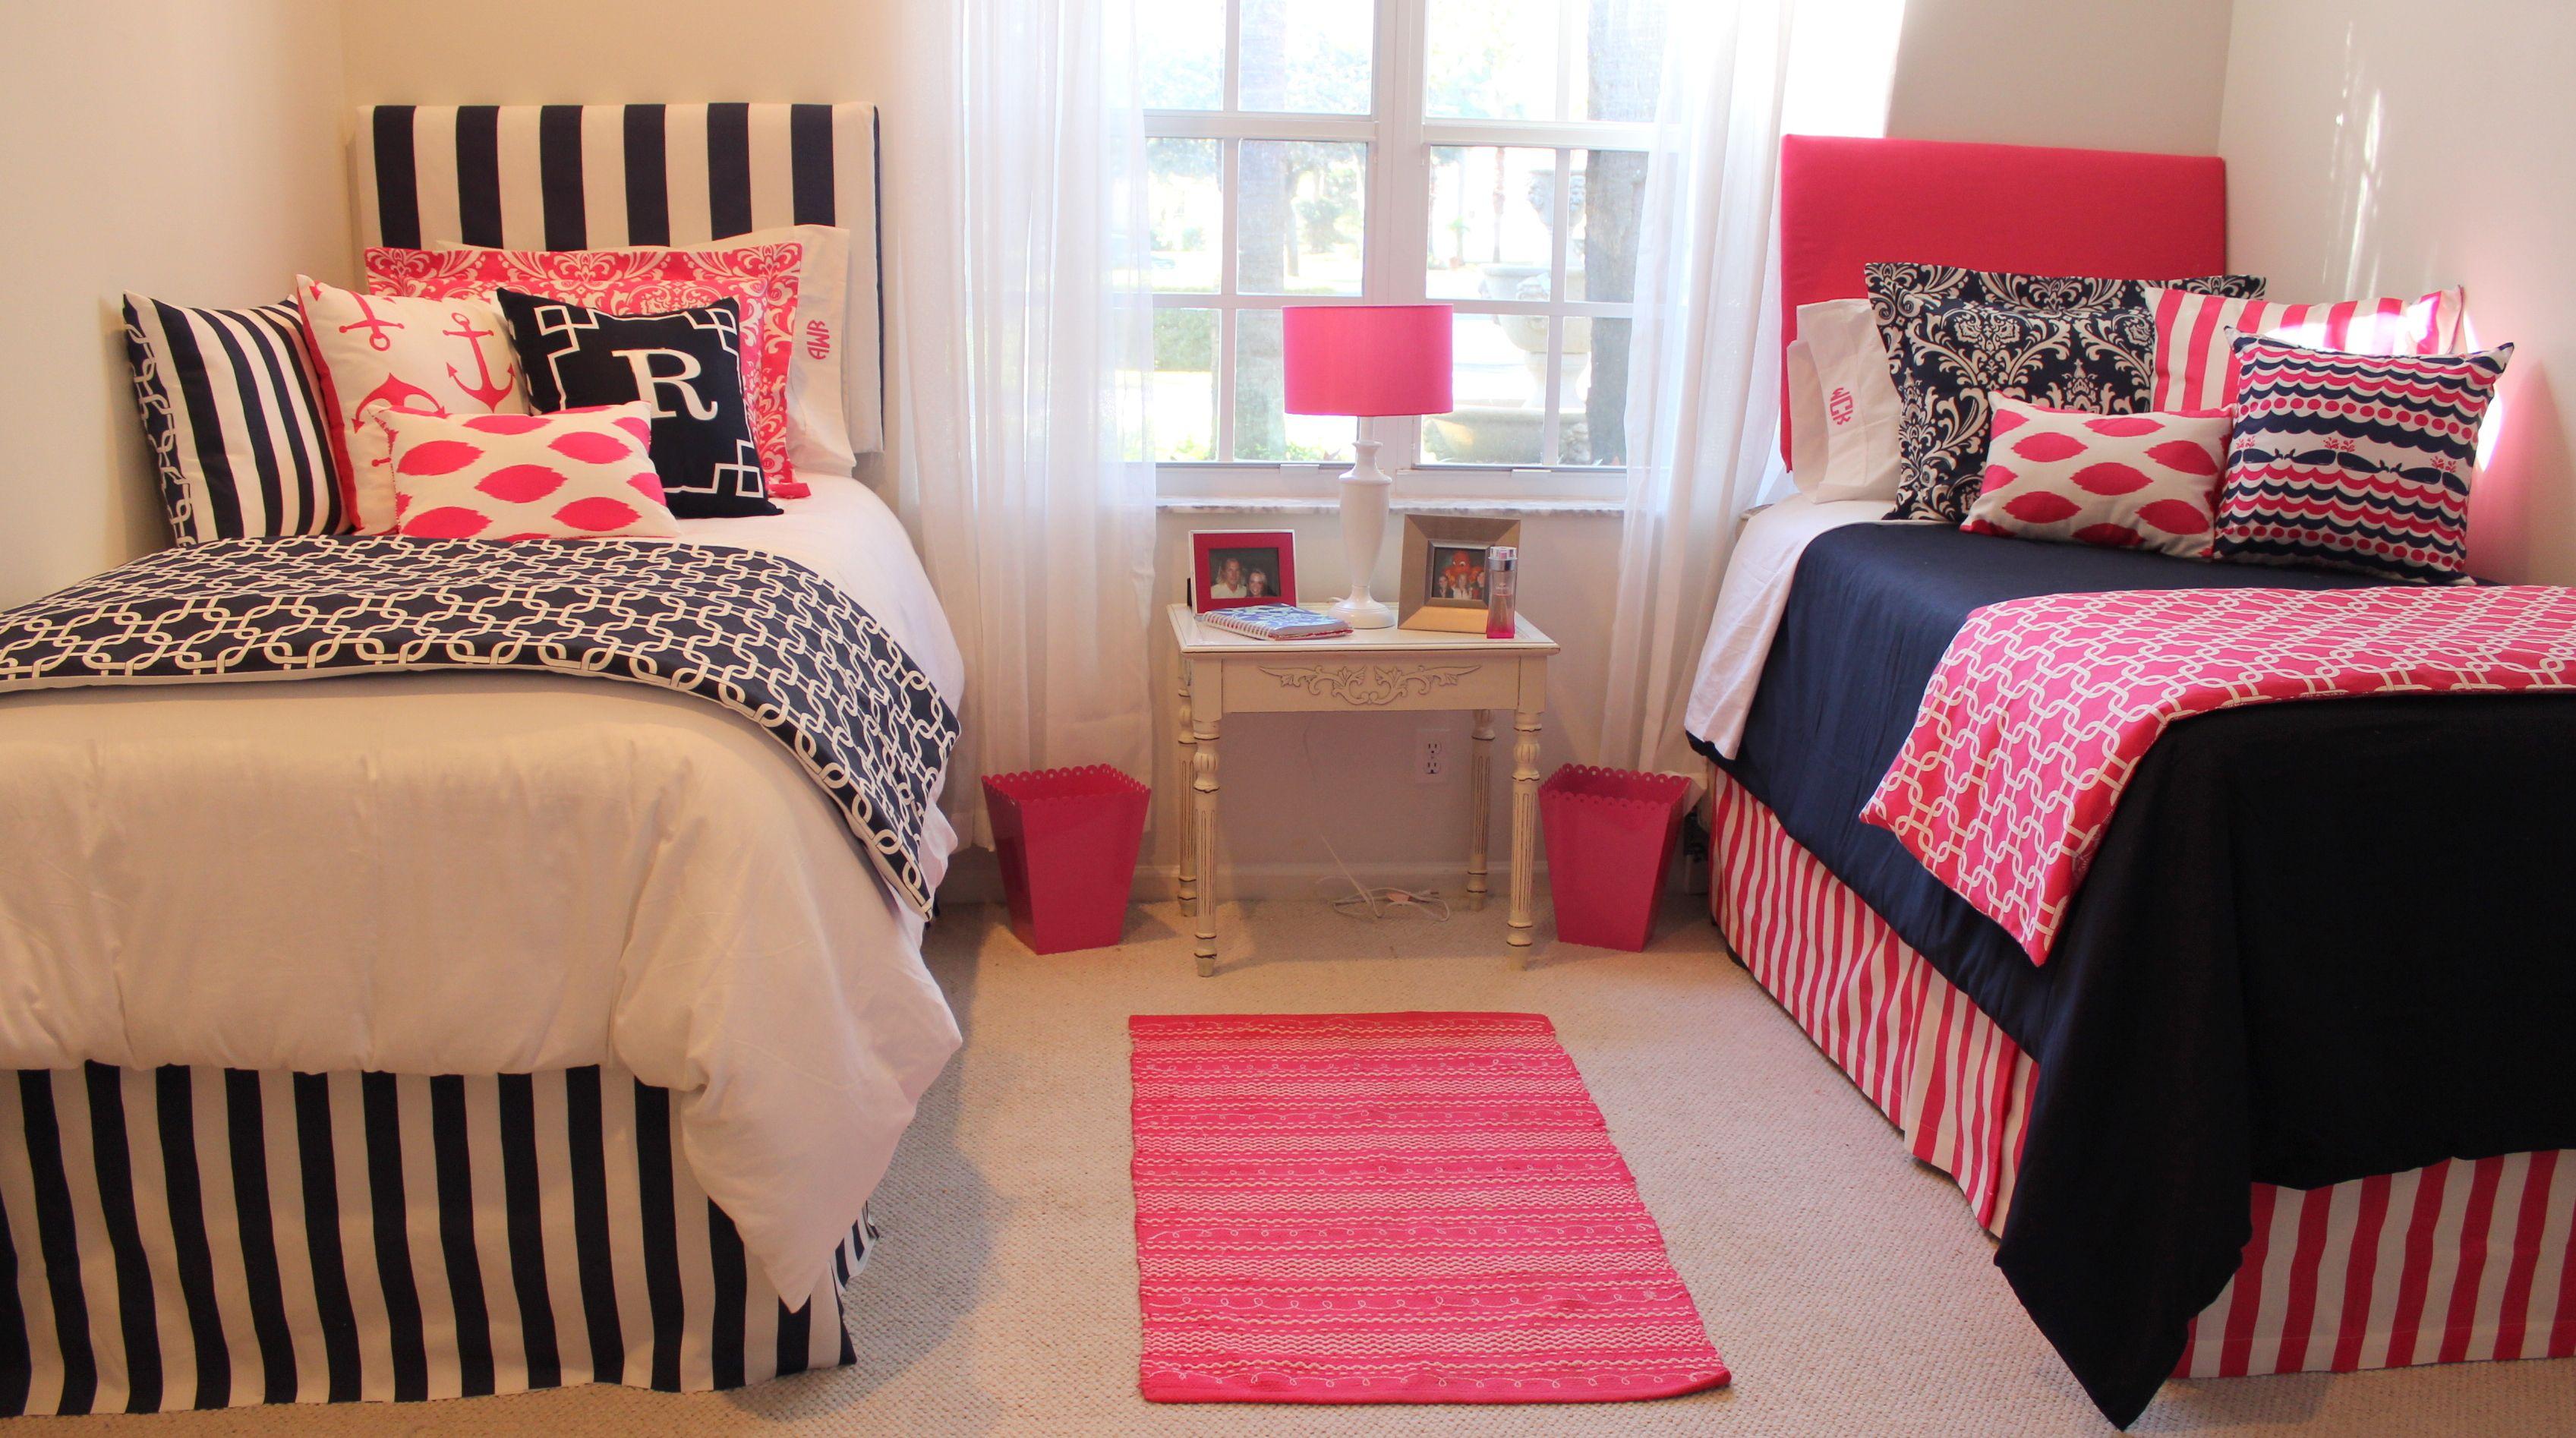 Preppy Dorm Bedding Nautical Room Pink And Navy Coordinated Ideas Www Decor 2 Ur Door Yess